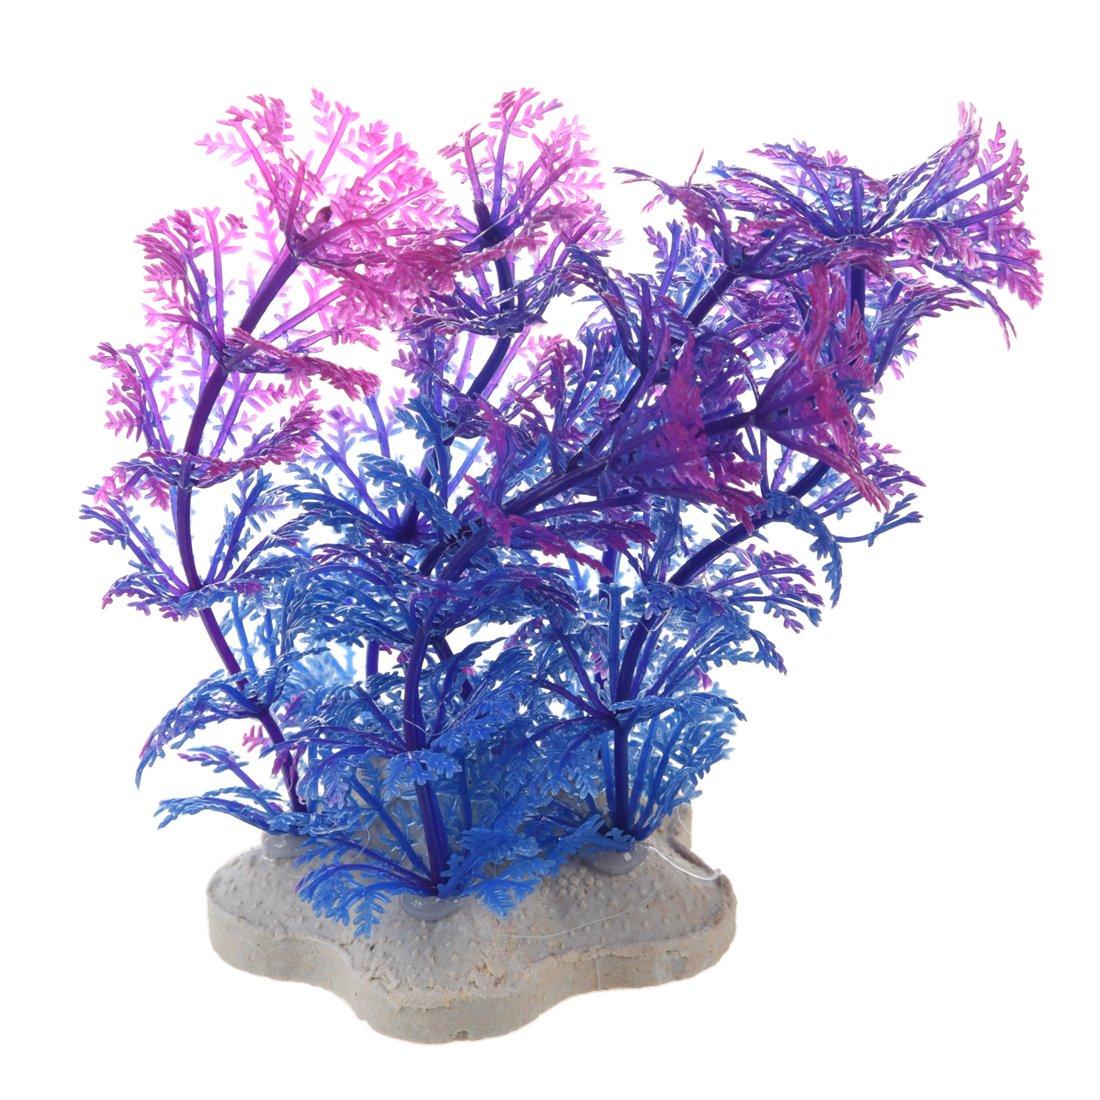 SODIAL (R)Plantes d'eau Violet Bleu plastique artificielle Decoration pour Aquarium reservoir de poissons SODIAL(R)